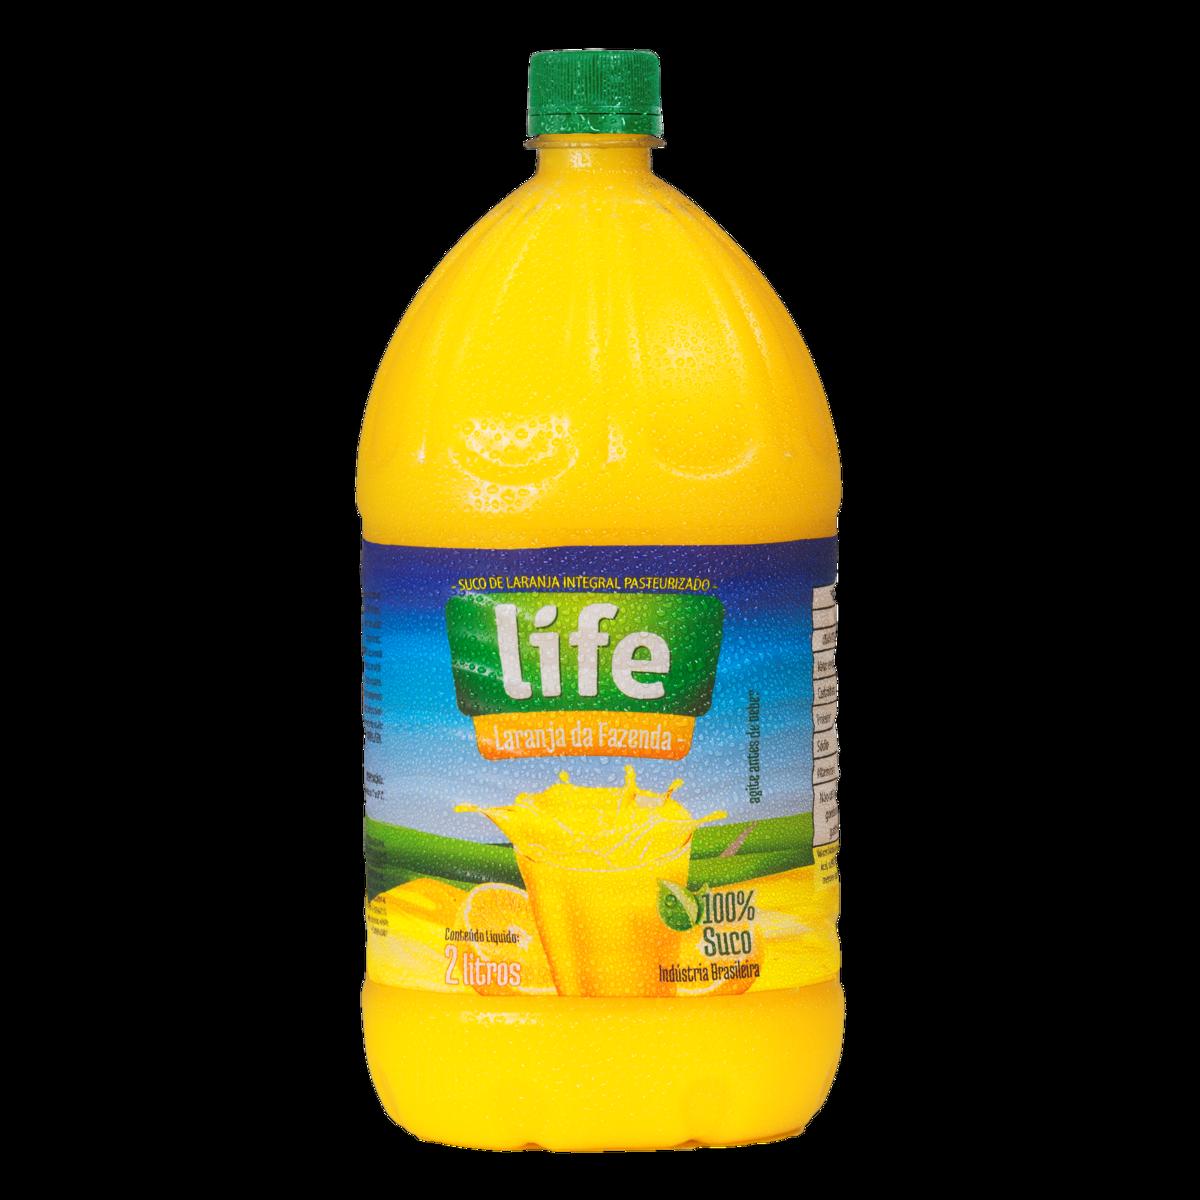 Suco Pronto Life Laranja Integral Embalagem 2L